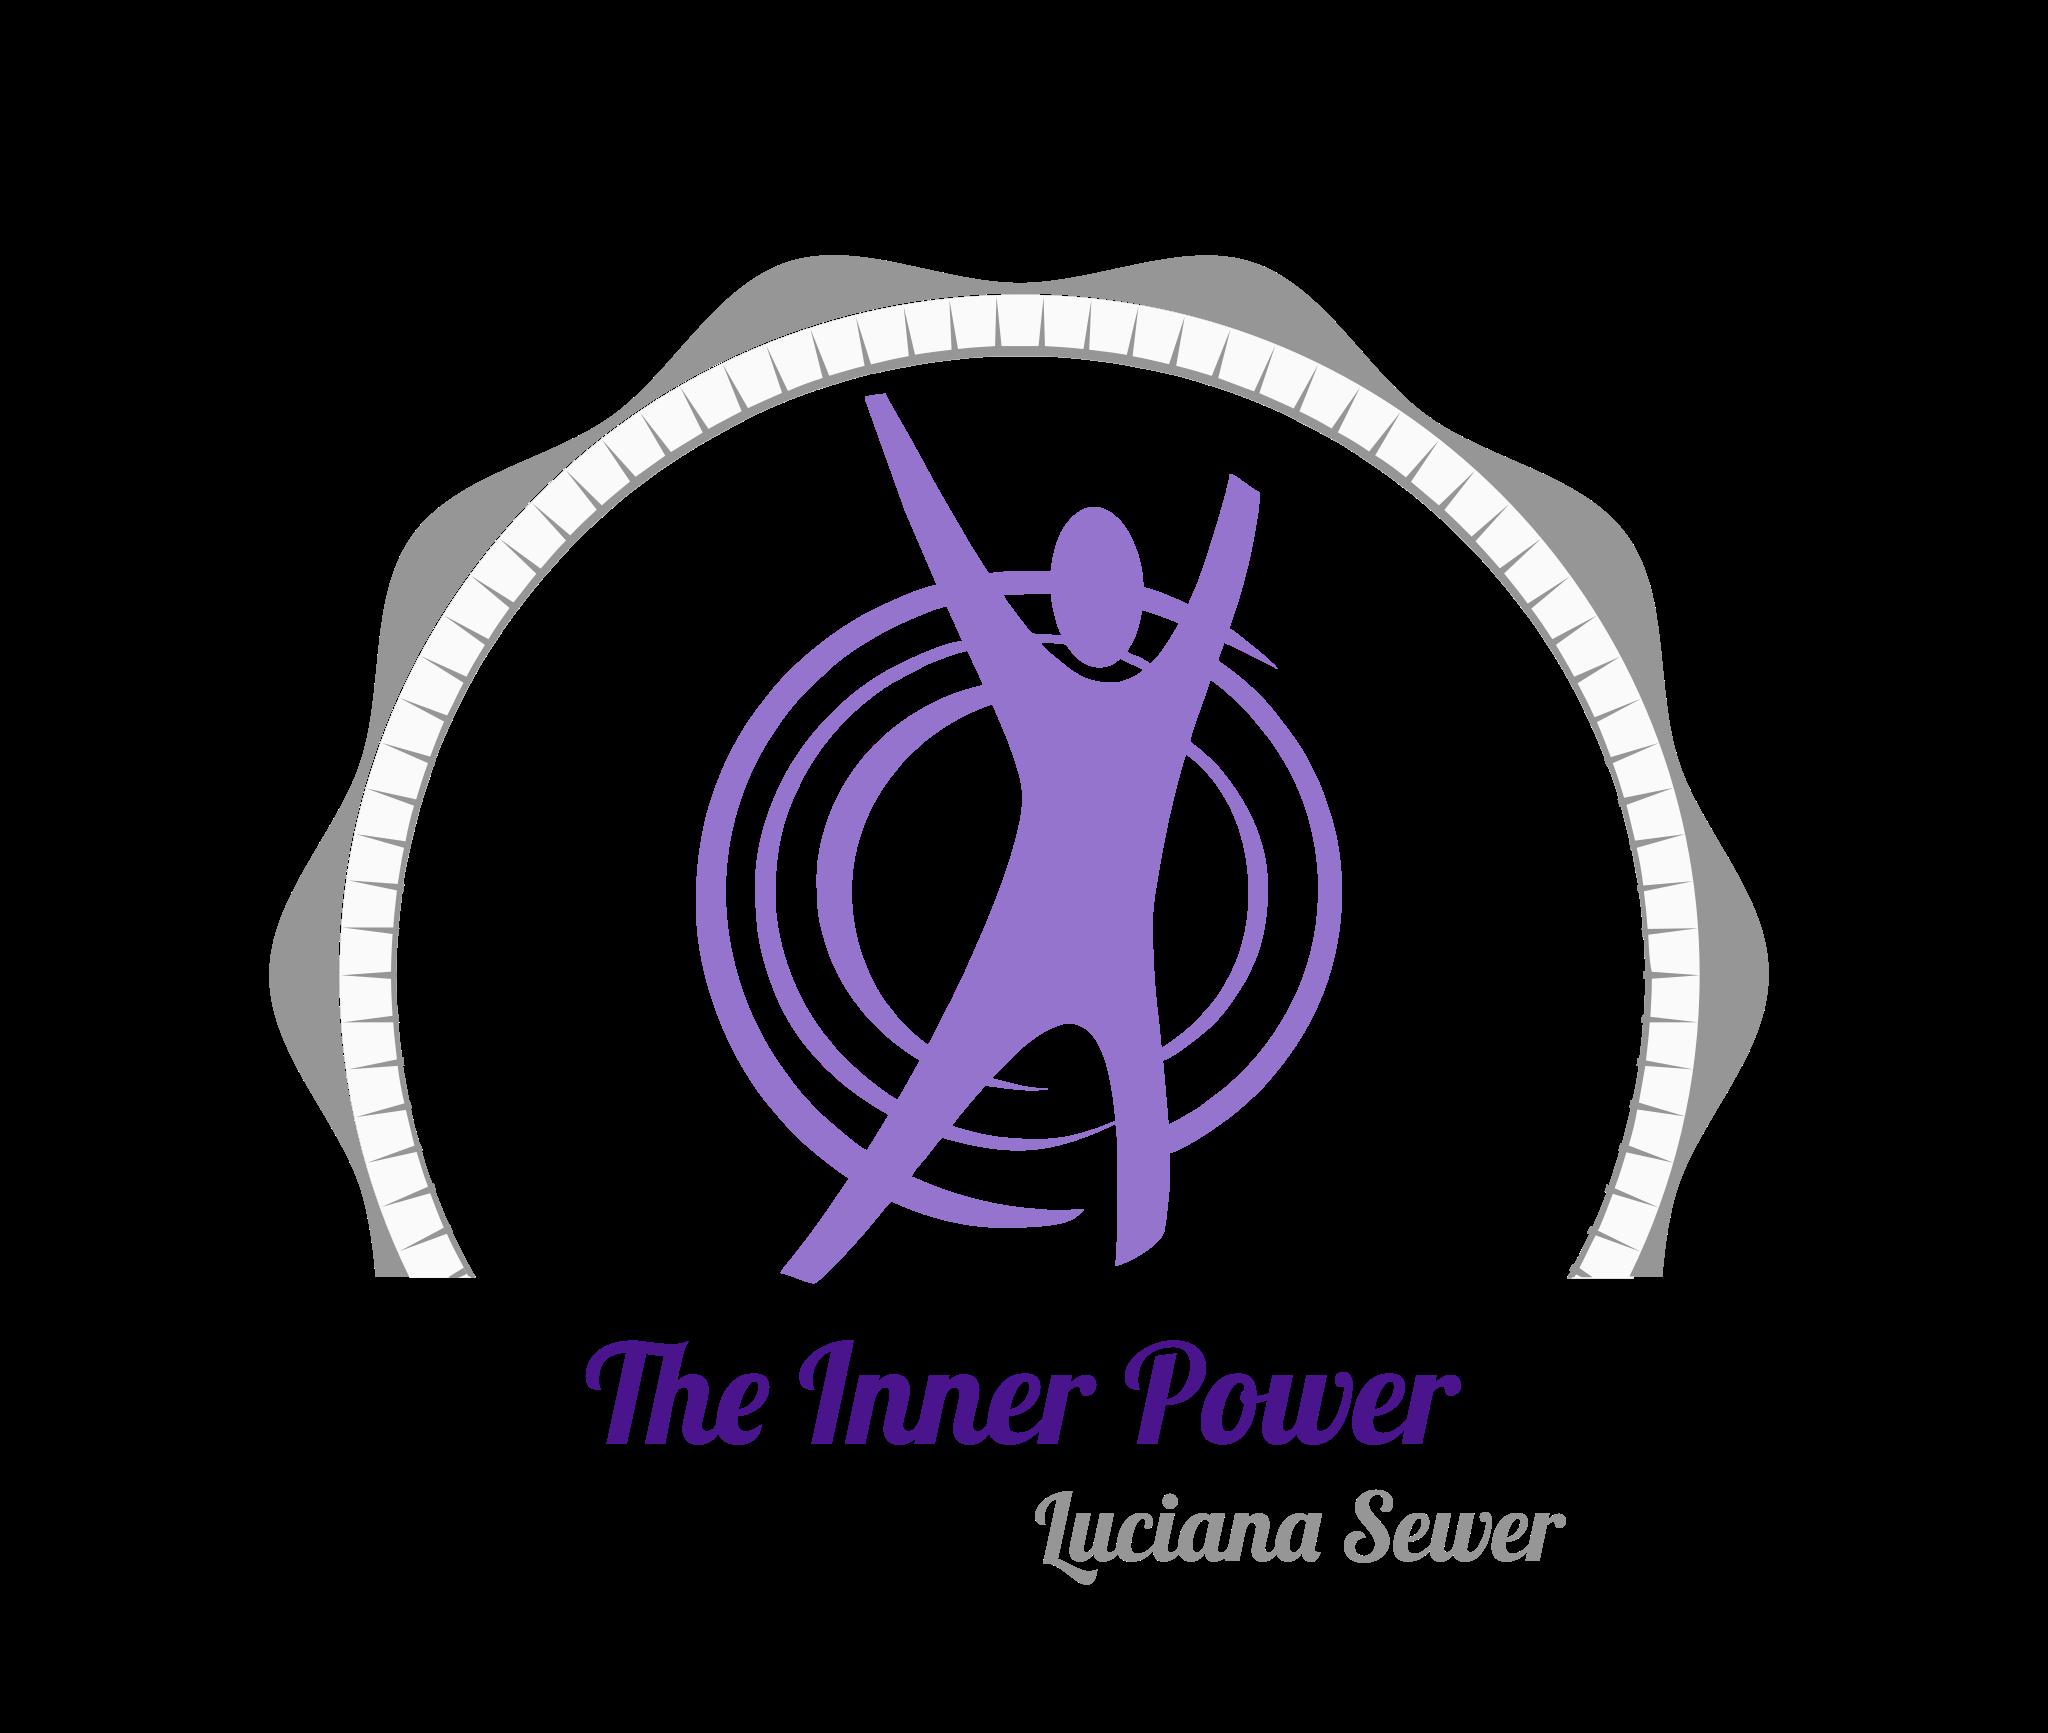 The Inner Power